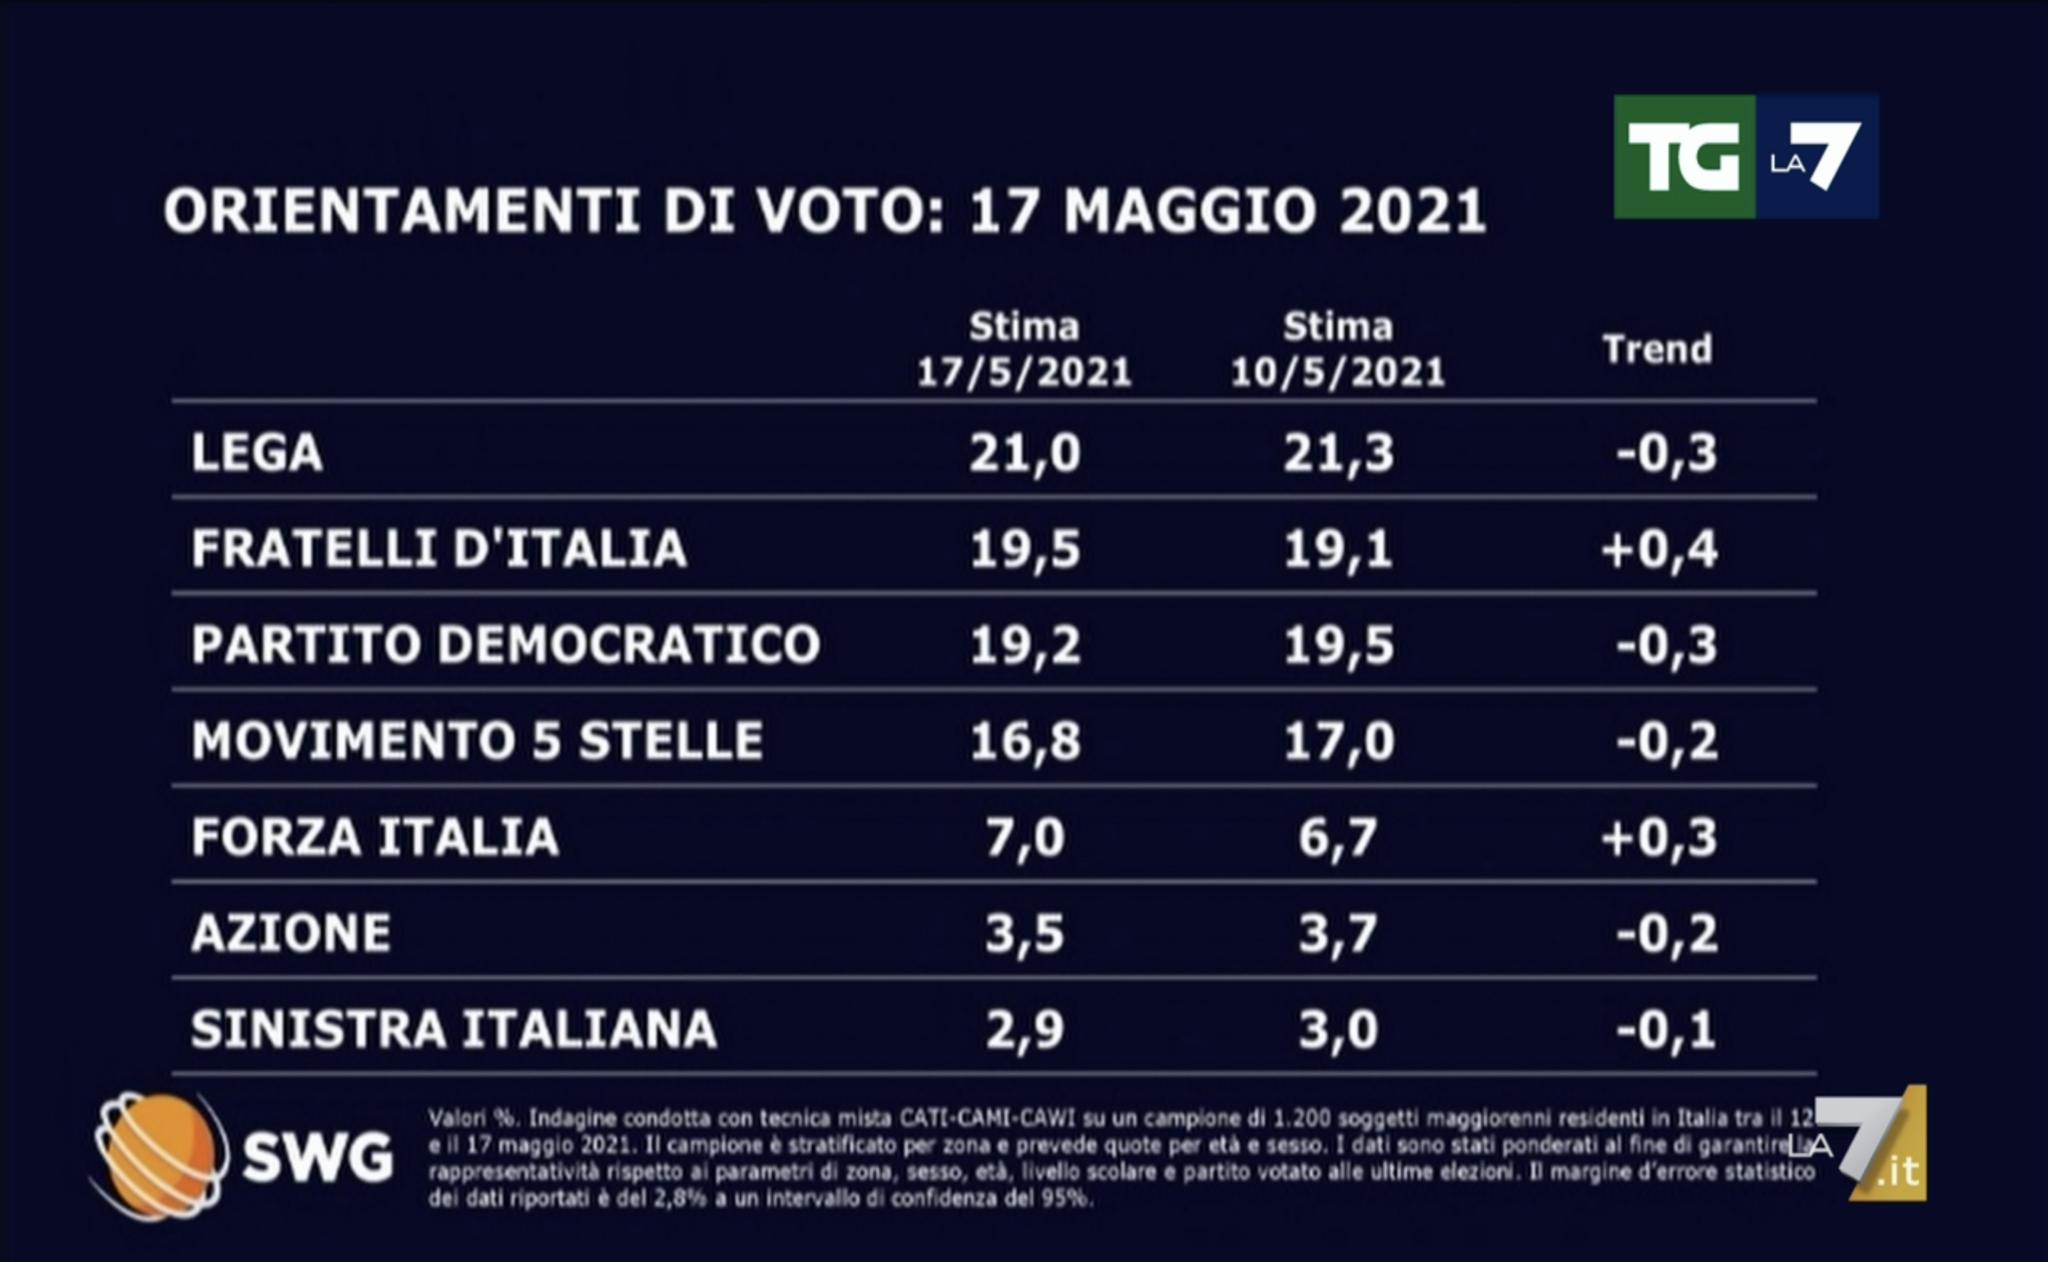 Sondaggi politici elettorali oggi 18 maggio 2021: Fdi supera il Pd e si avvicina sempre di più alla Lega. Cala il M5S, torna a crescere Forza Italia